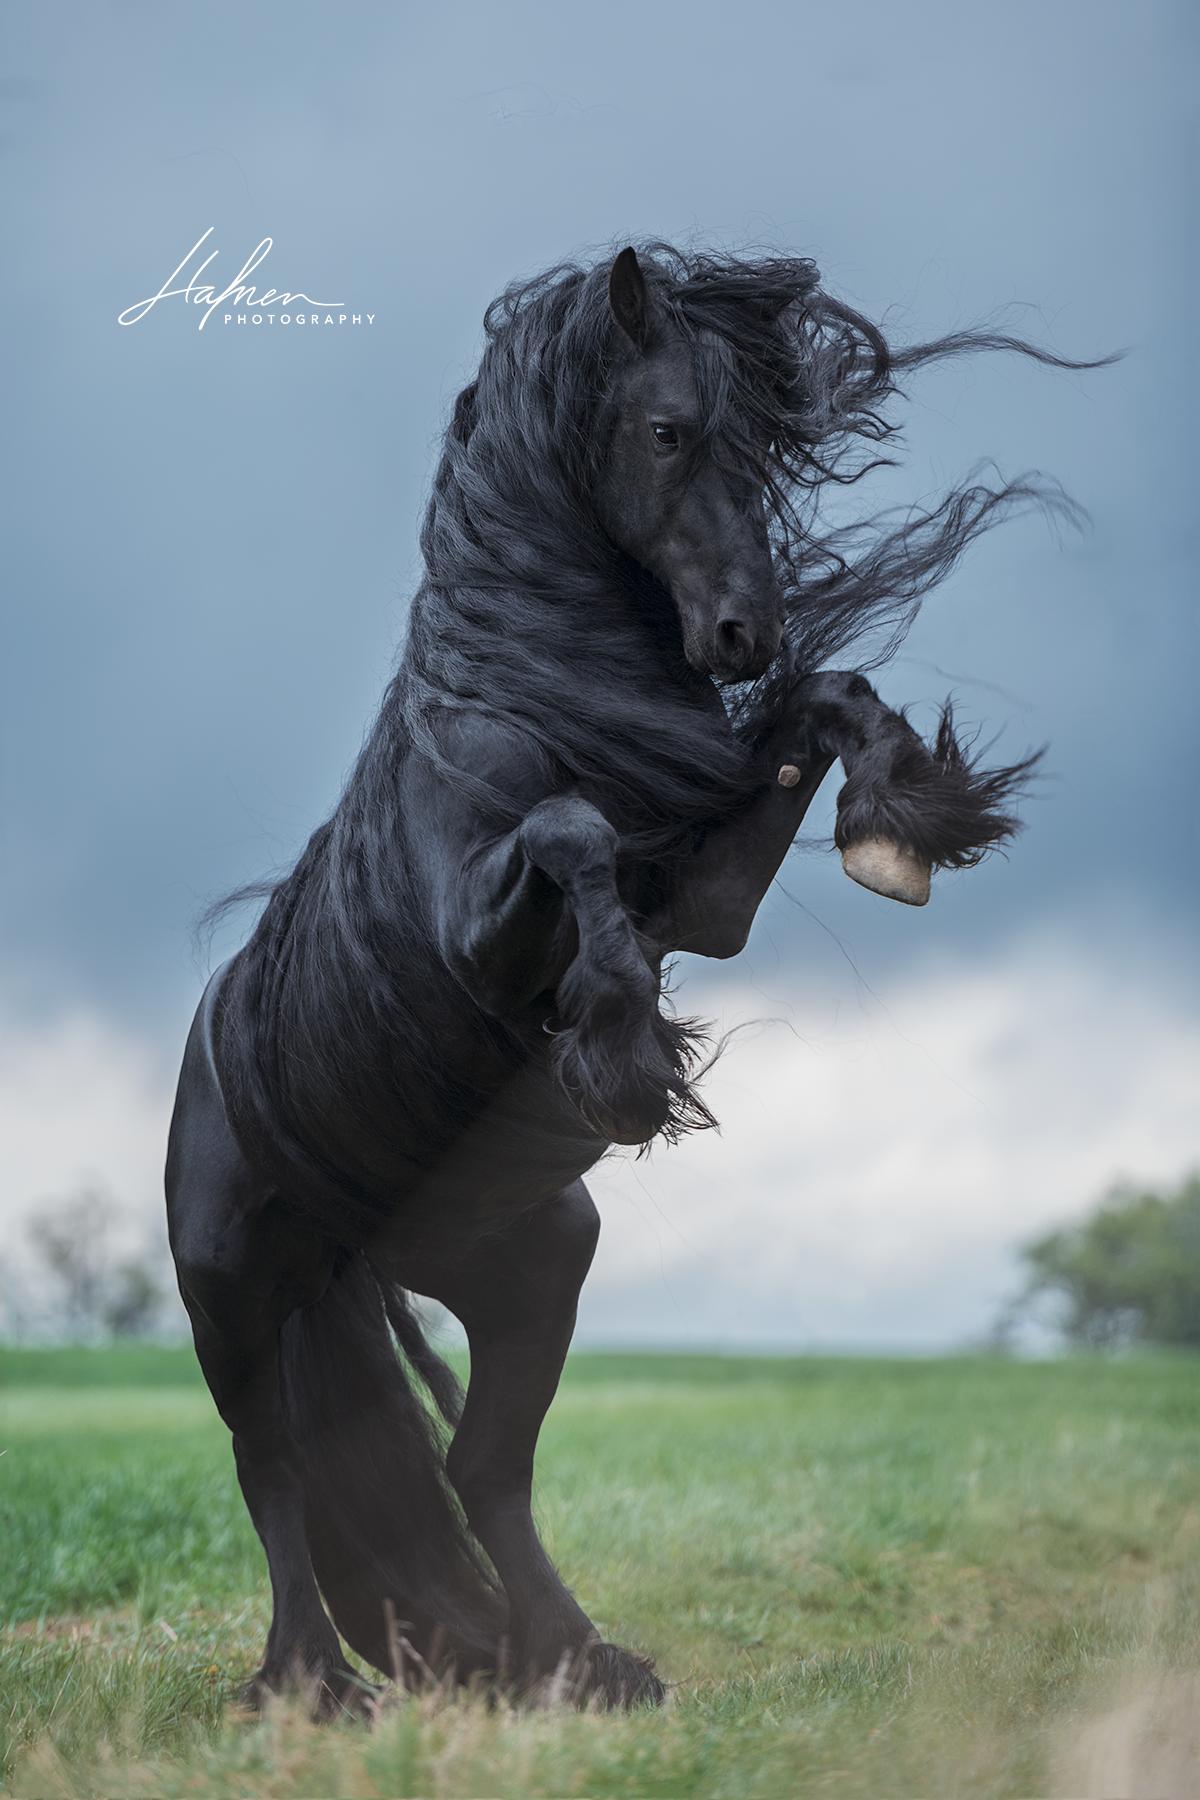 Friese Steigt Schwarzes Pferd Pferdefotografie In Der